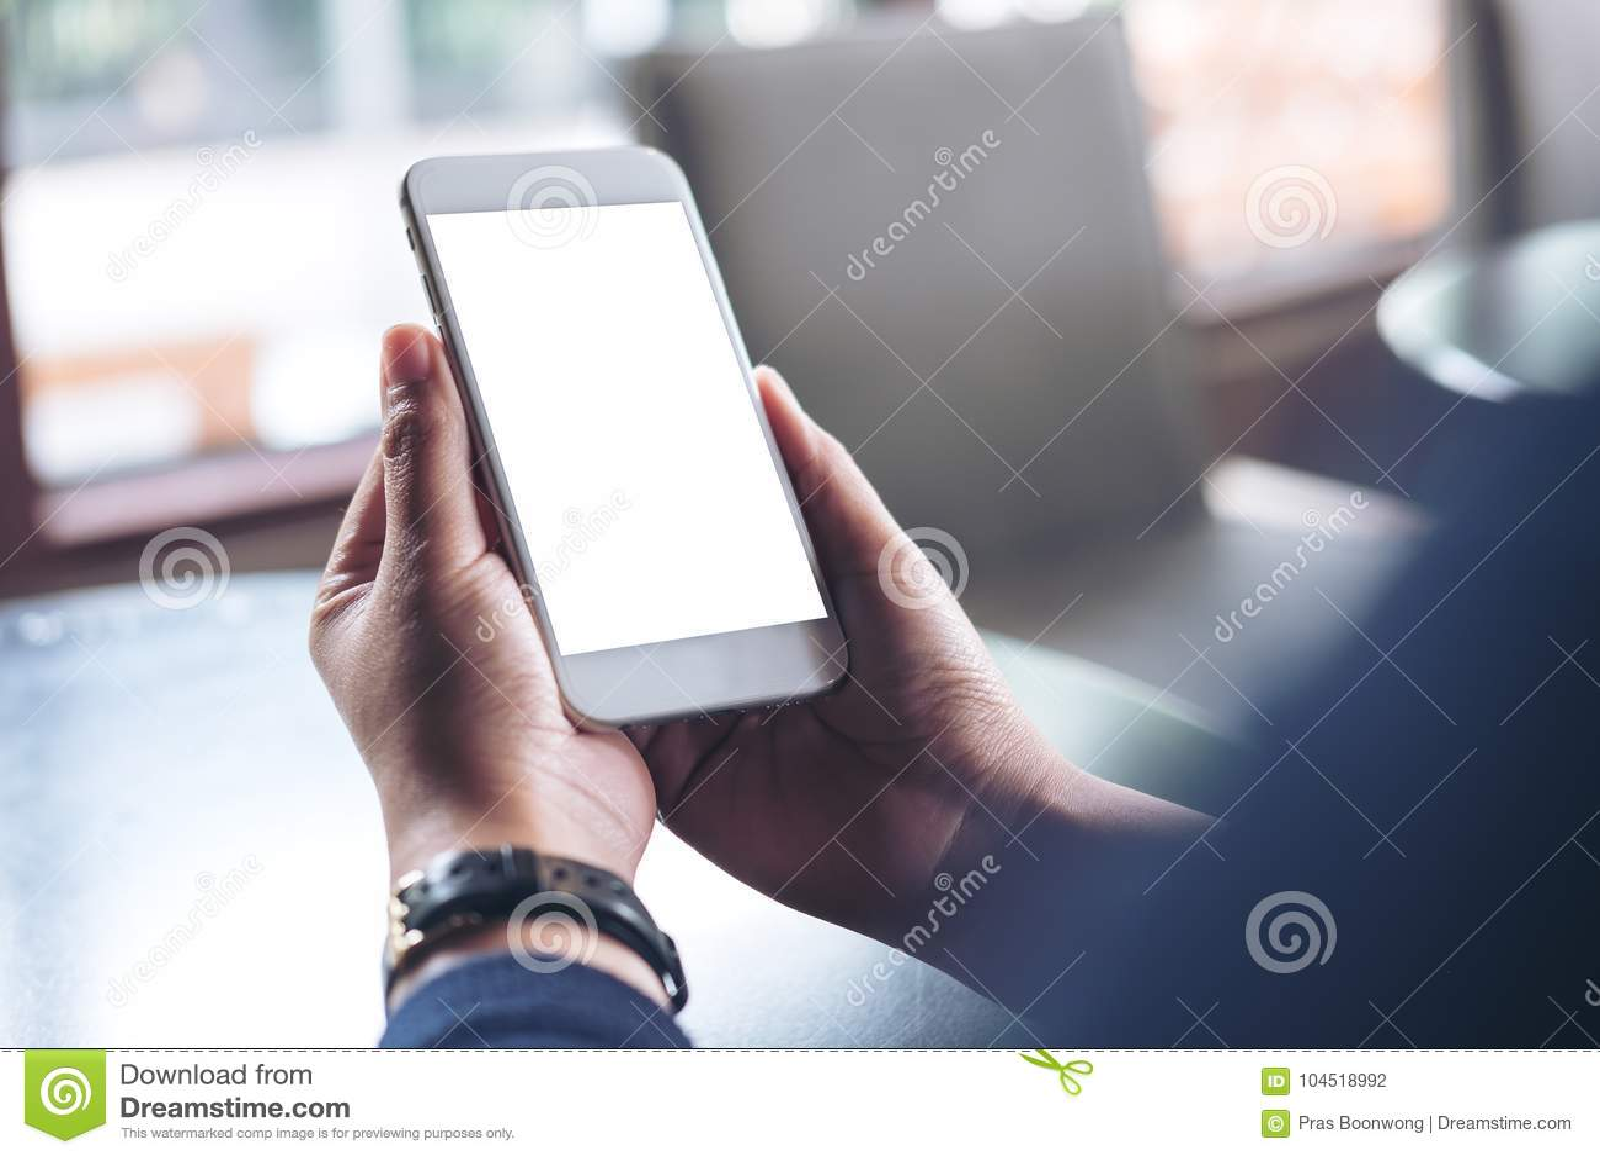 Imagen de la maqueta de las manos que sostienen el teléfono móvil con la pantalla blanca en blanco